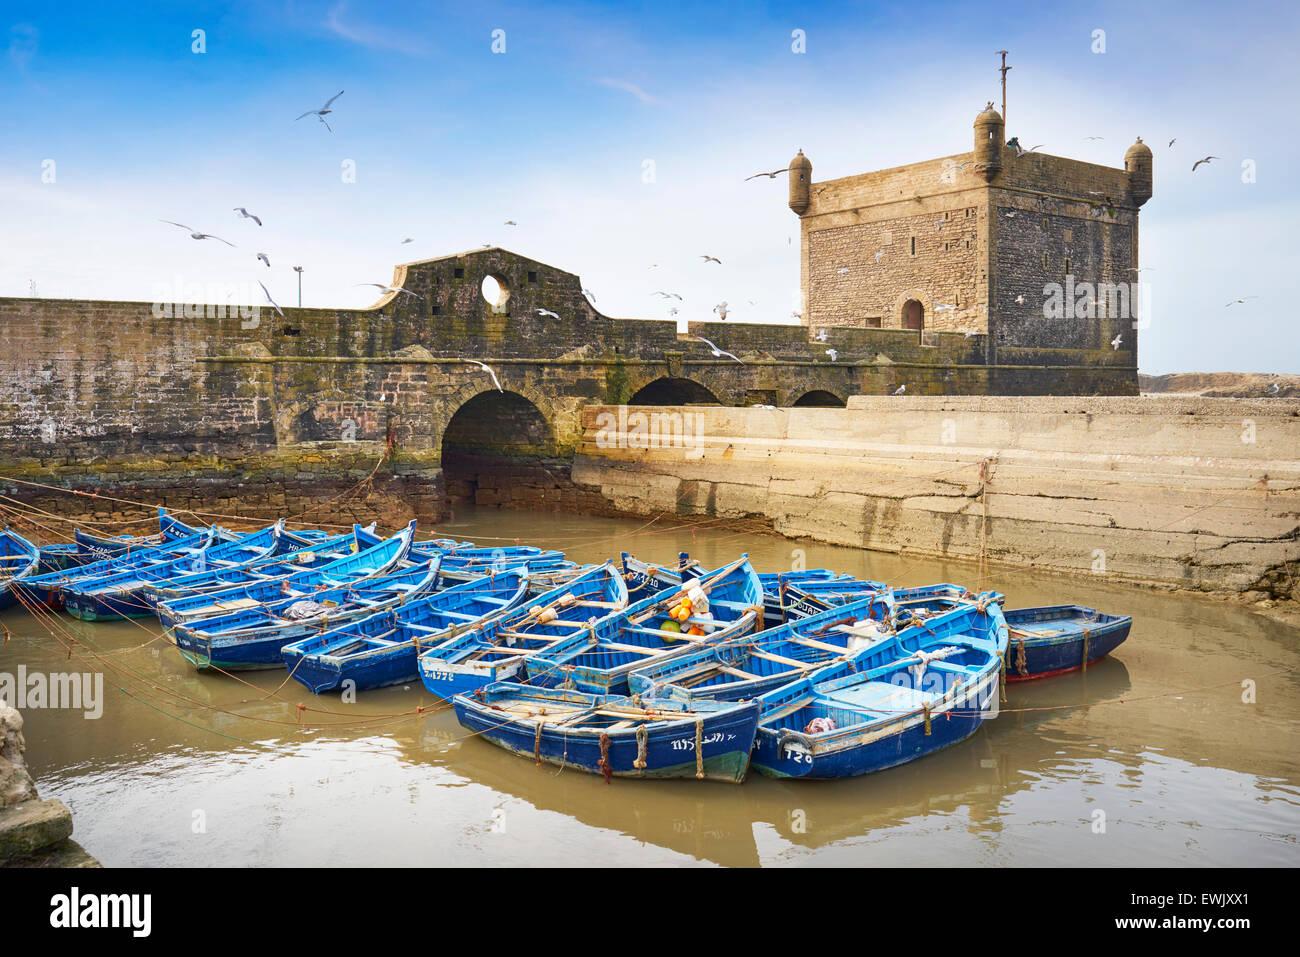 El azul de los barcos de pesca en el puerto de Essaouira, Marruecos, África Imagen De Stock